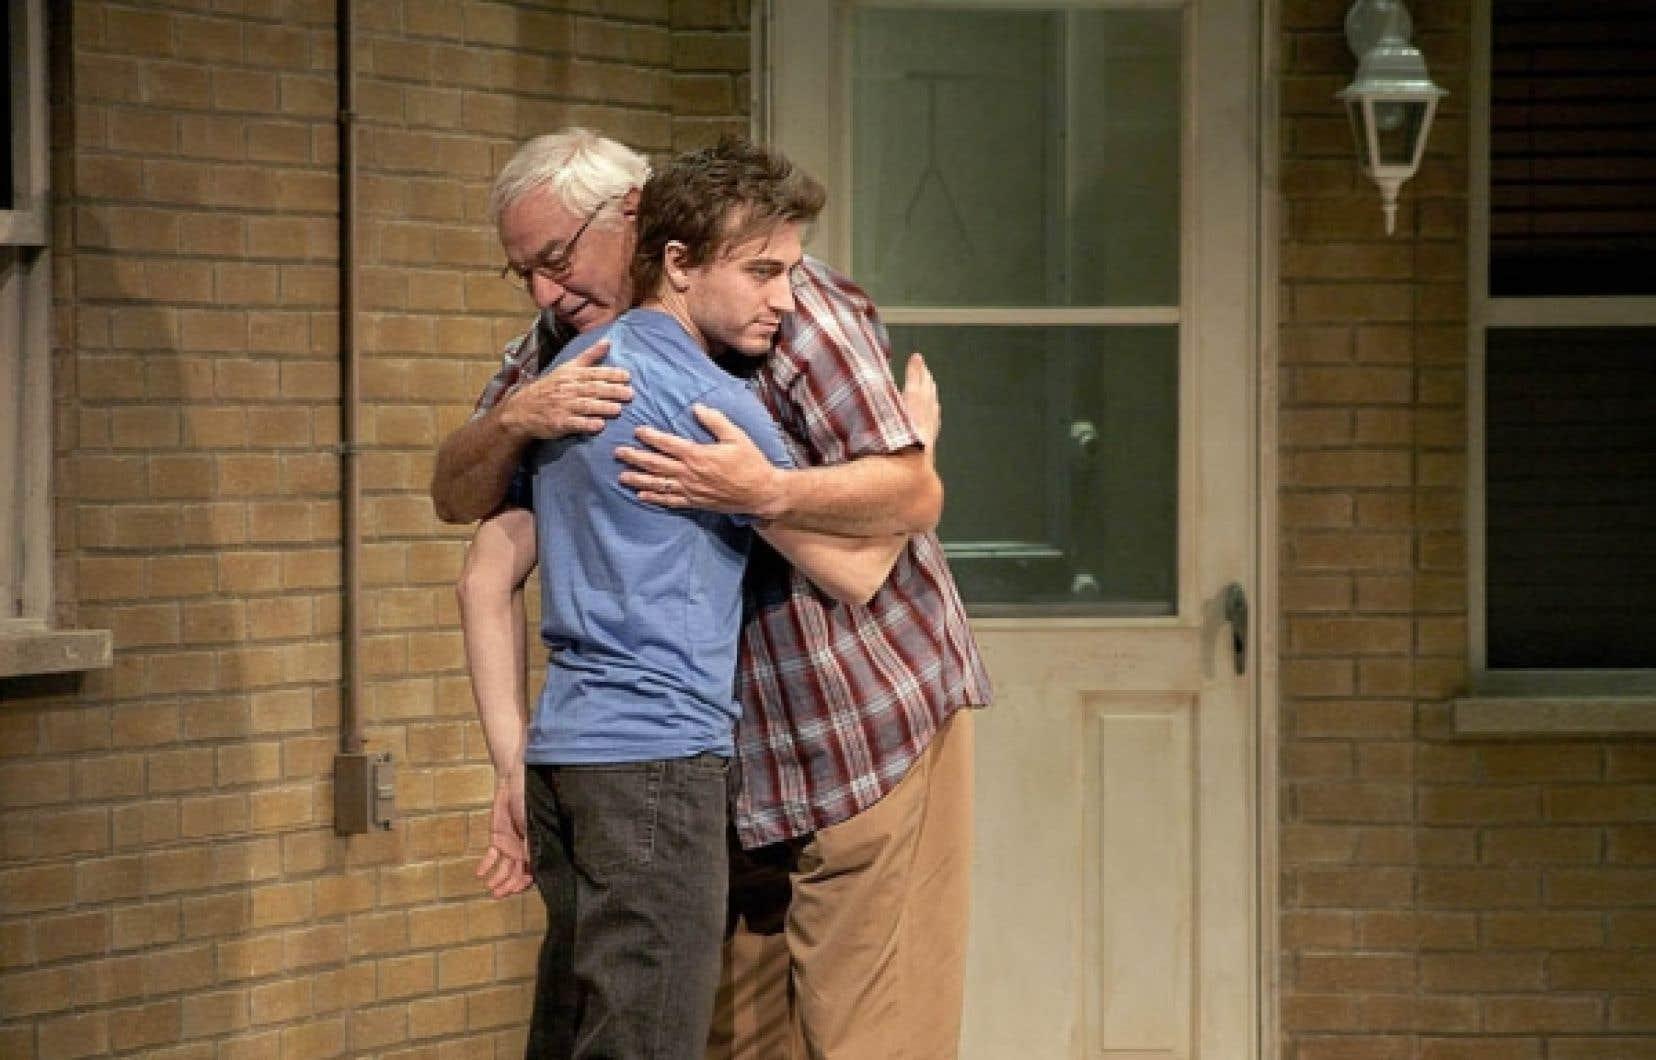 Benoît McGinnis et Michel Dumont dans une scène de la pièce Excuse-moi, de Serge Boucher, dans une mise en scène de René Richard Cyr.